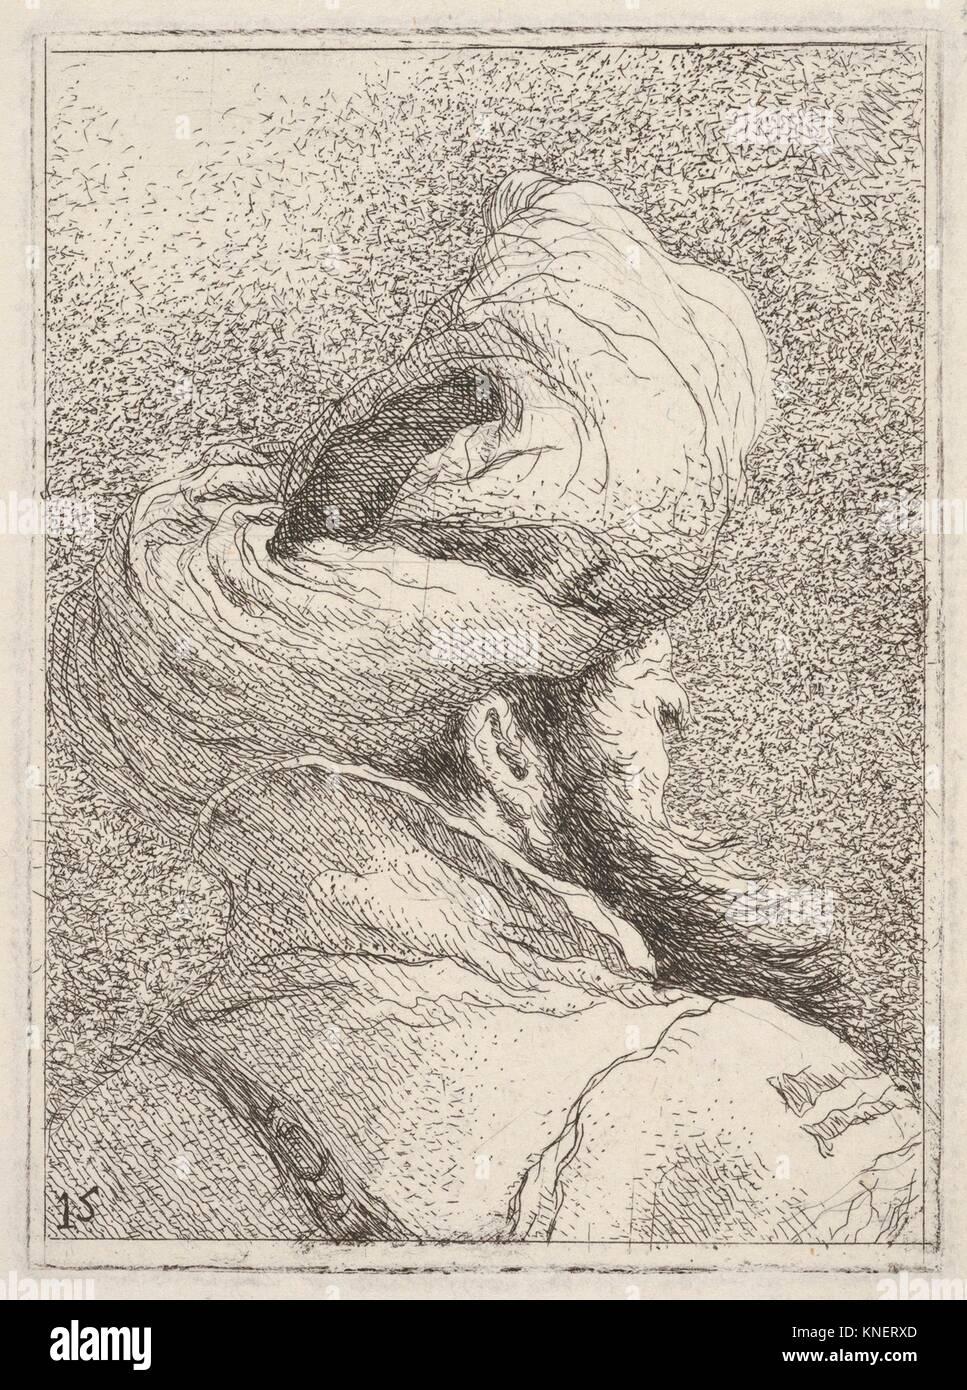 Der bärtige Mann mit dem Turban, in Büste Länge dargestellt von hinten in drei Viertel, aus der Serie Stockbild